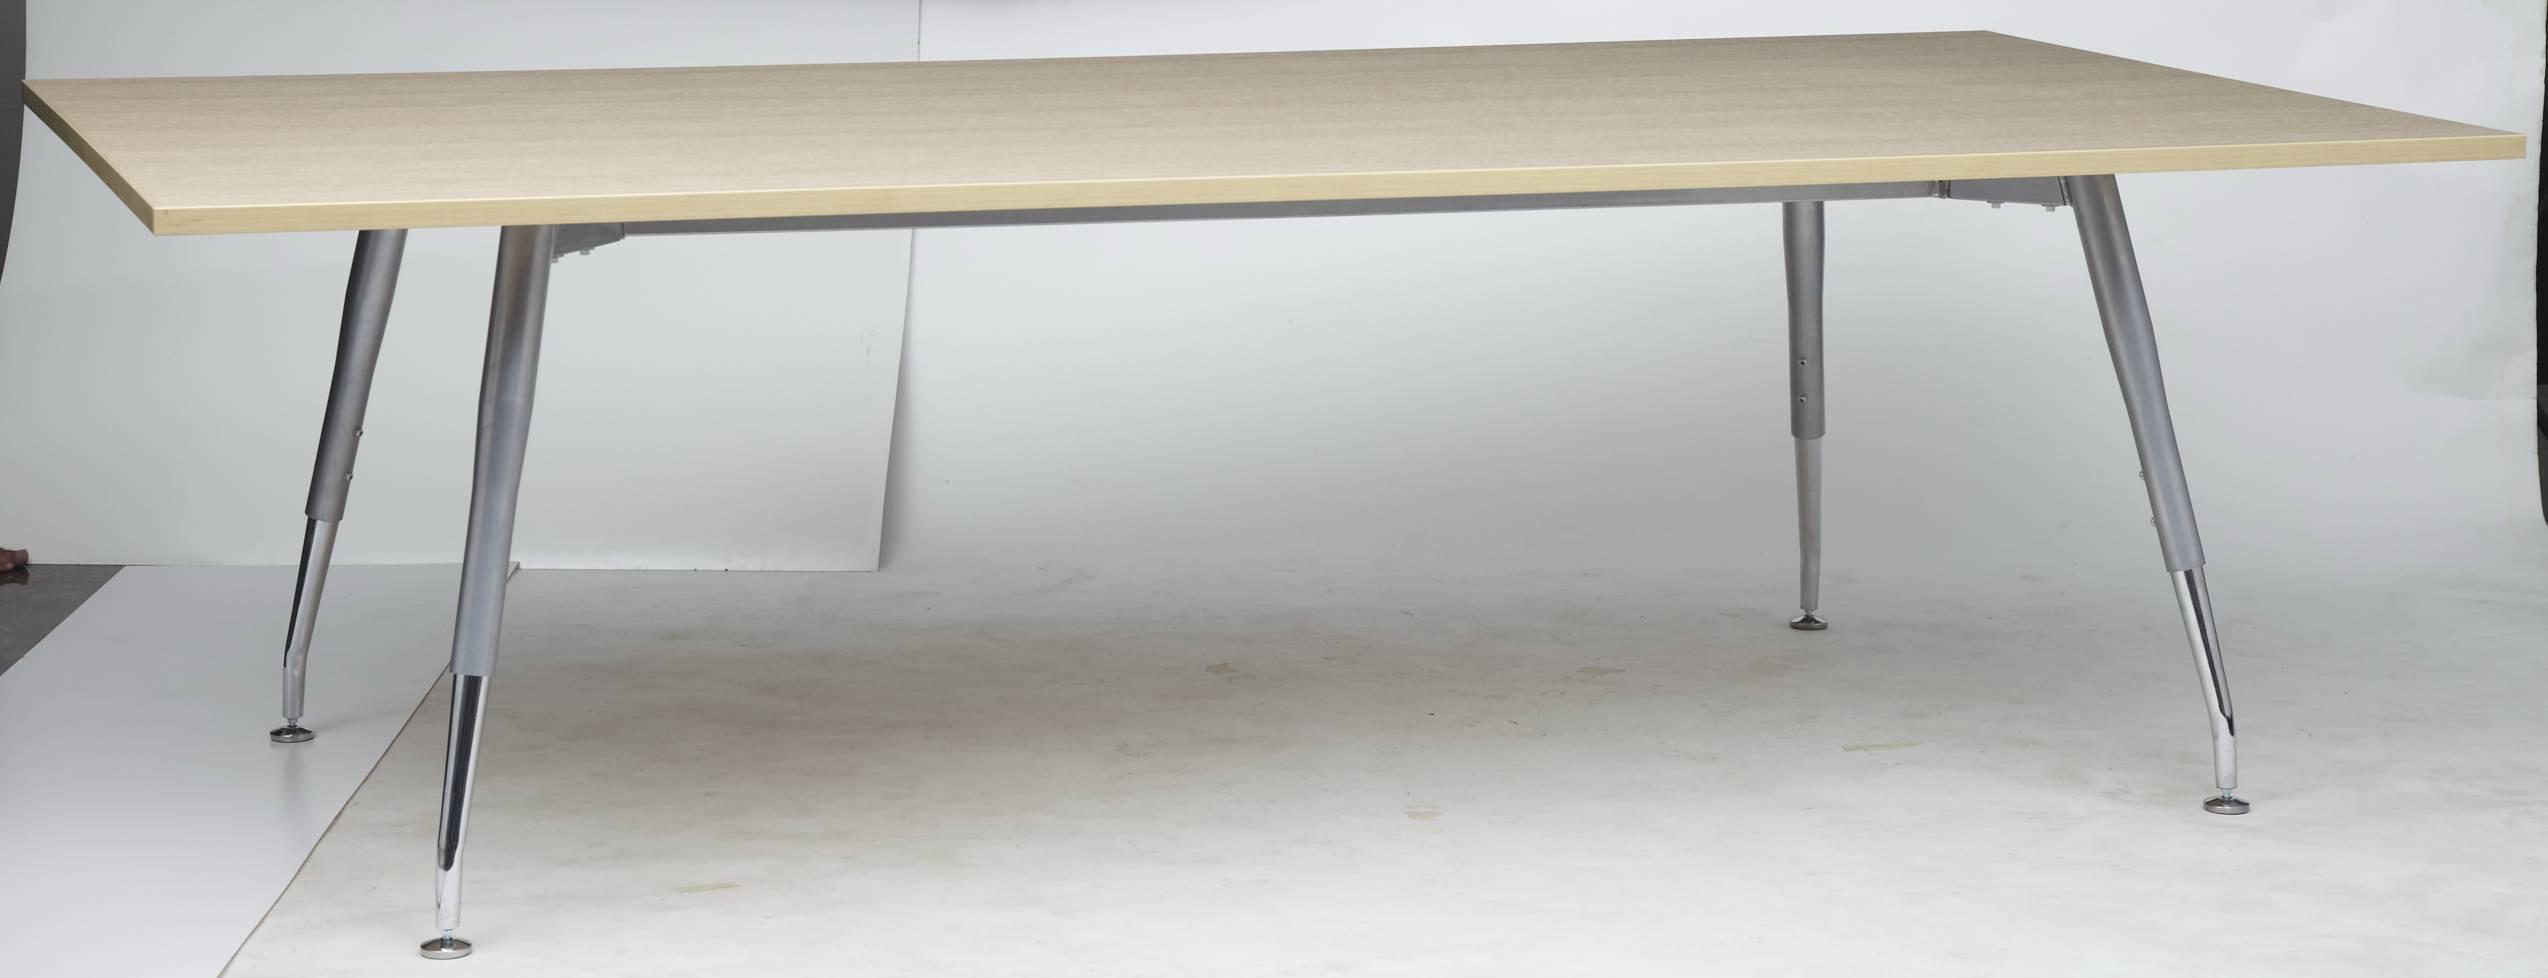 โต๊ะประชุมทรงสี่เหลี่ยม ขาเหล็กชุปโครเมี่ยมตัวที  CT-18